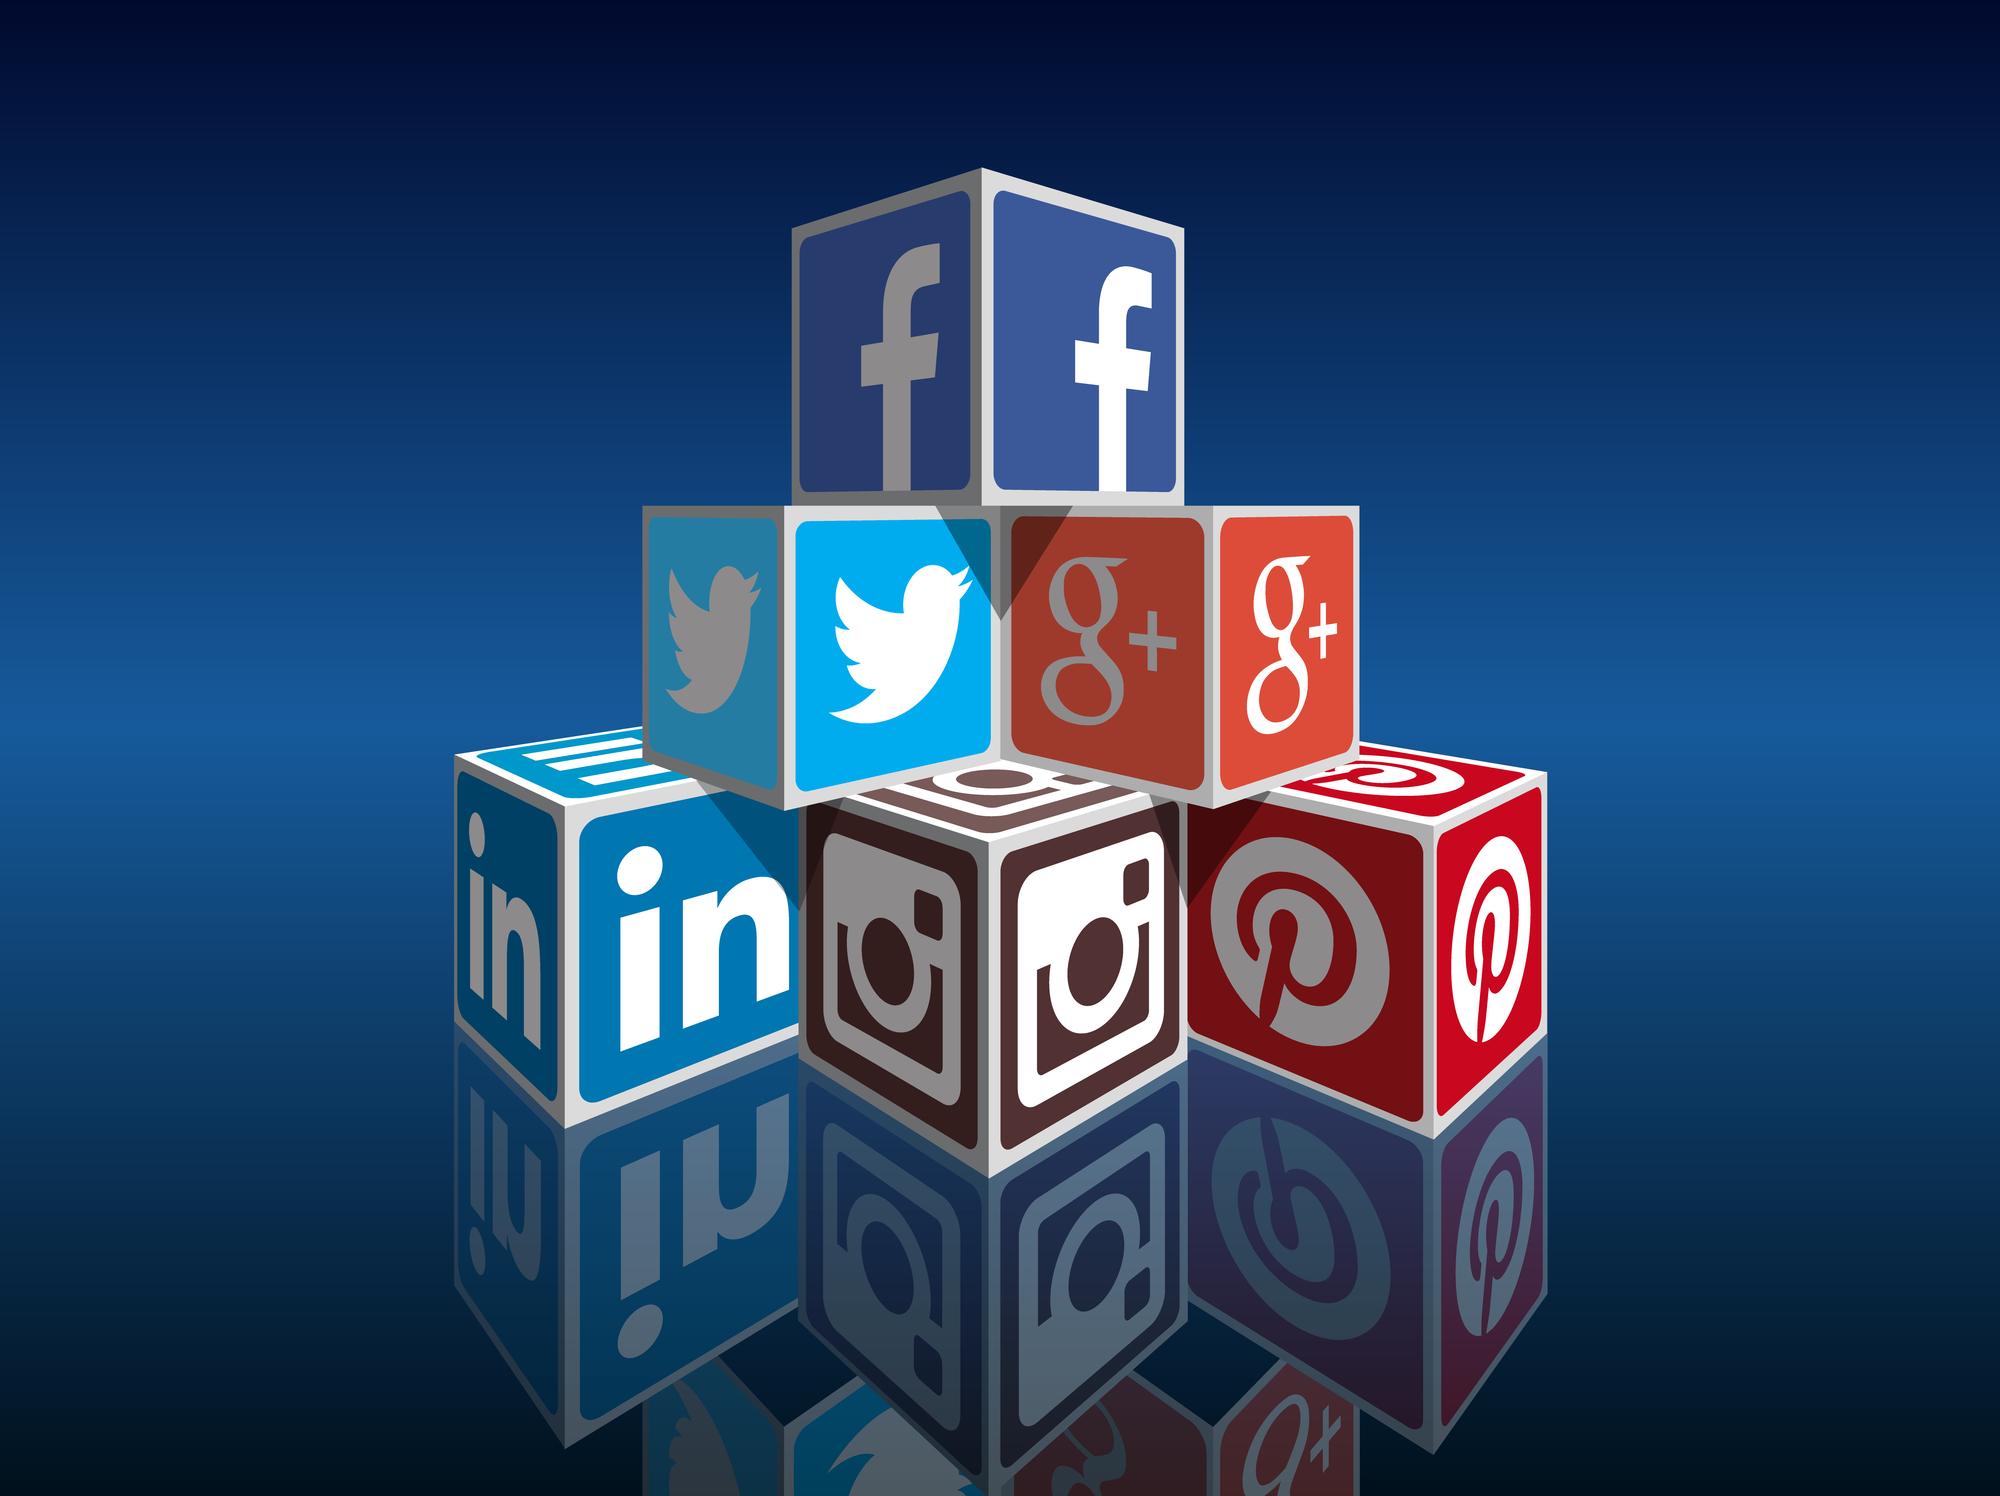 היכן למקם את כפתורי השיתוף ברשתות החברתיות ובאיזה להשתמש